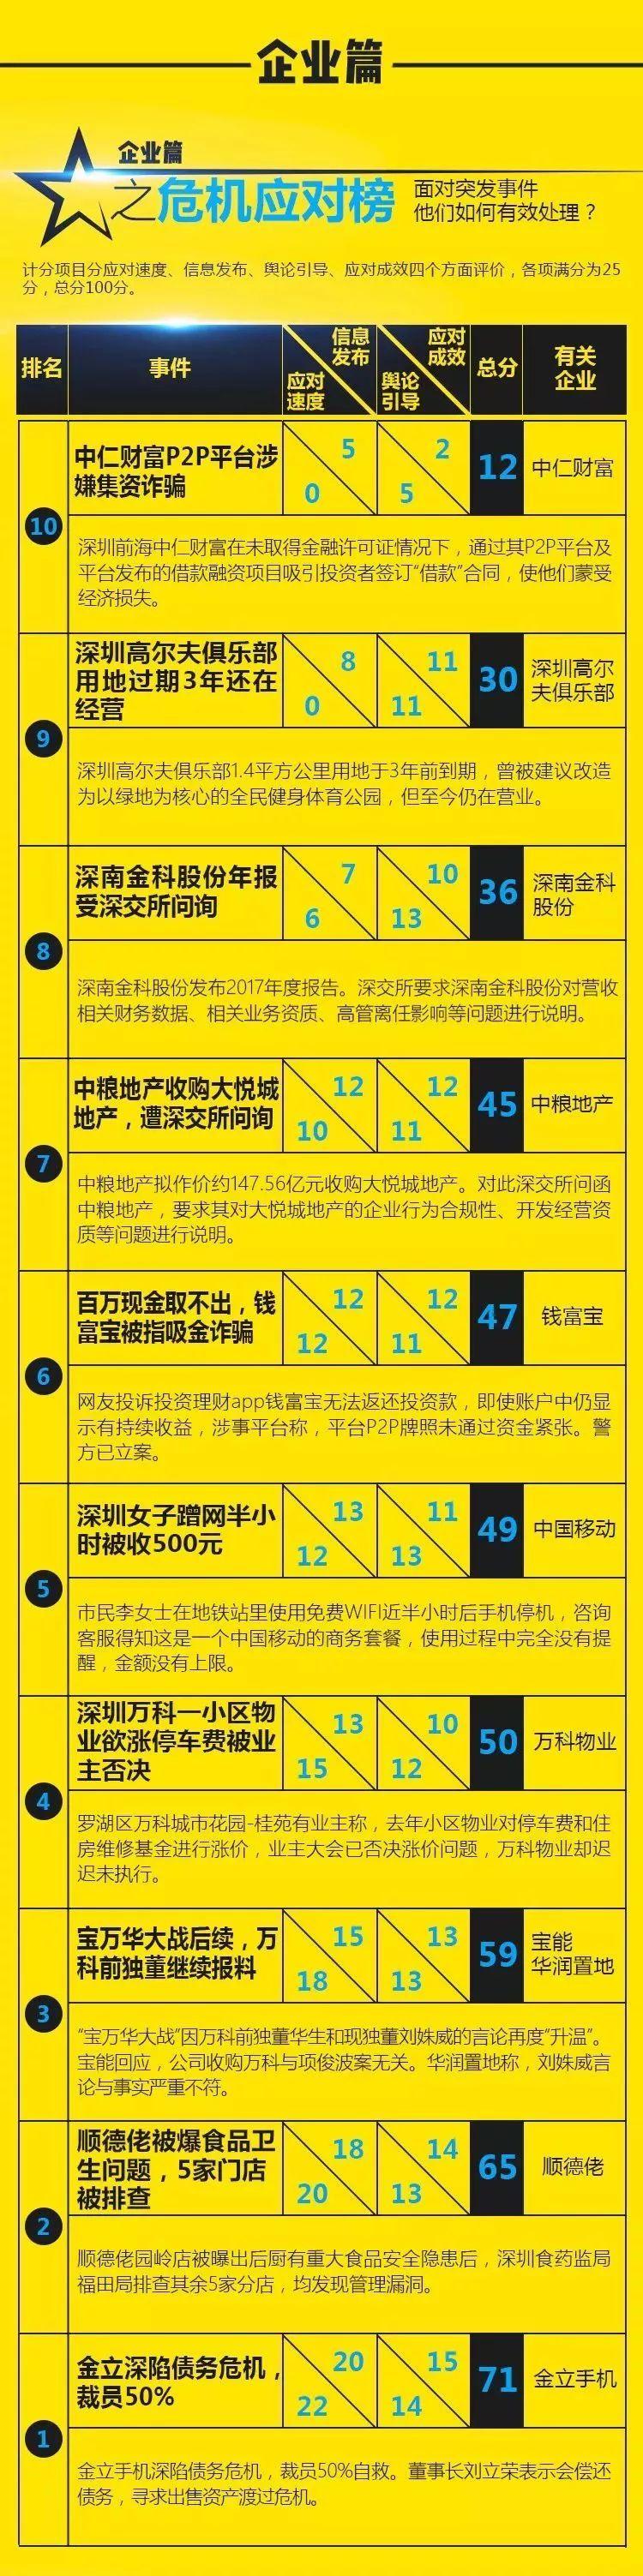 """节后深圳这些办事窗口上演""""空岗记""""!被曝光之后……"""